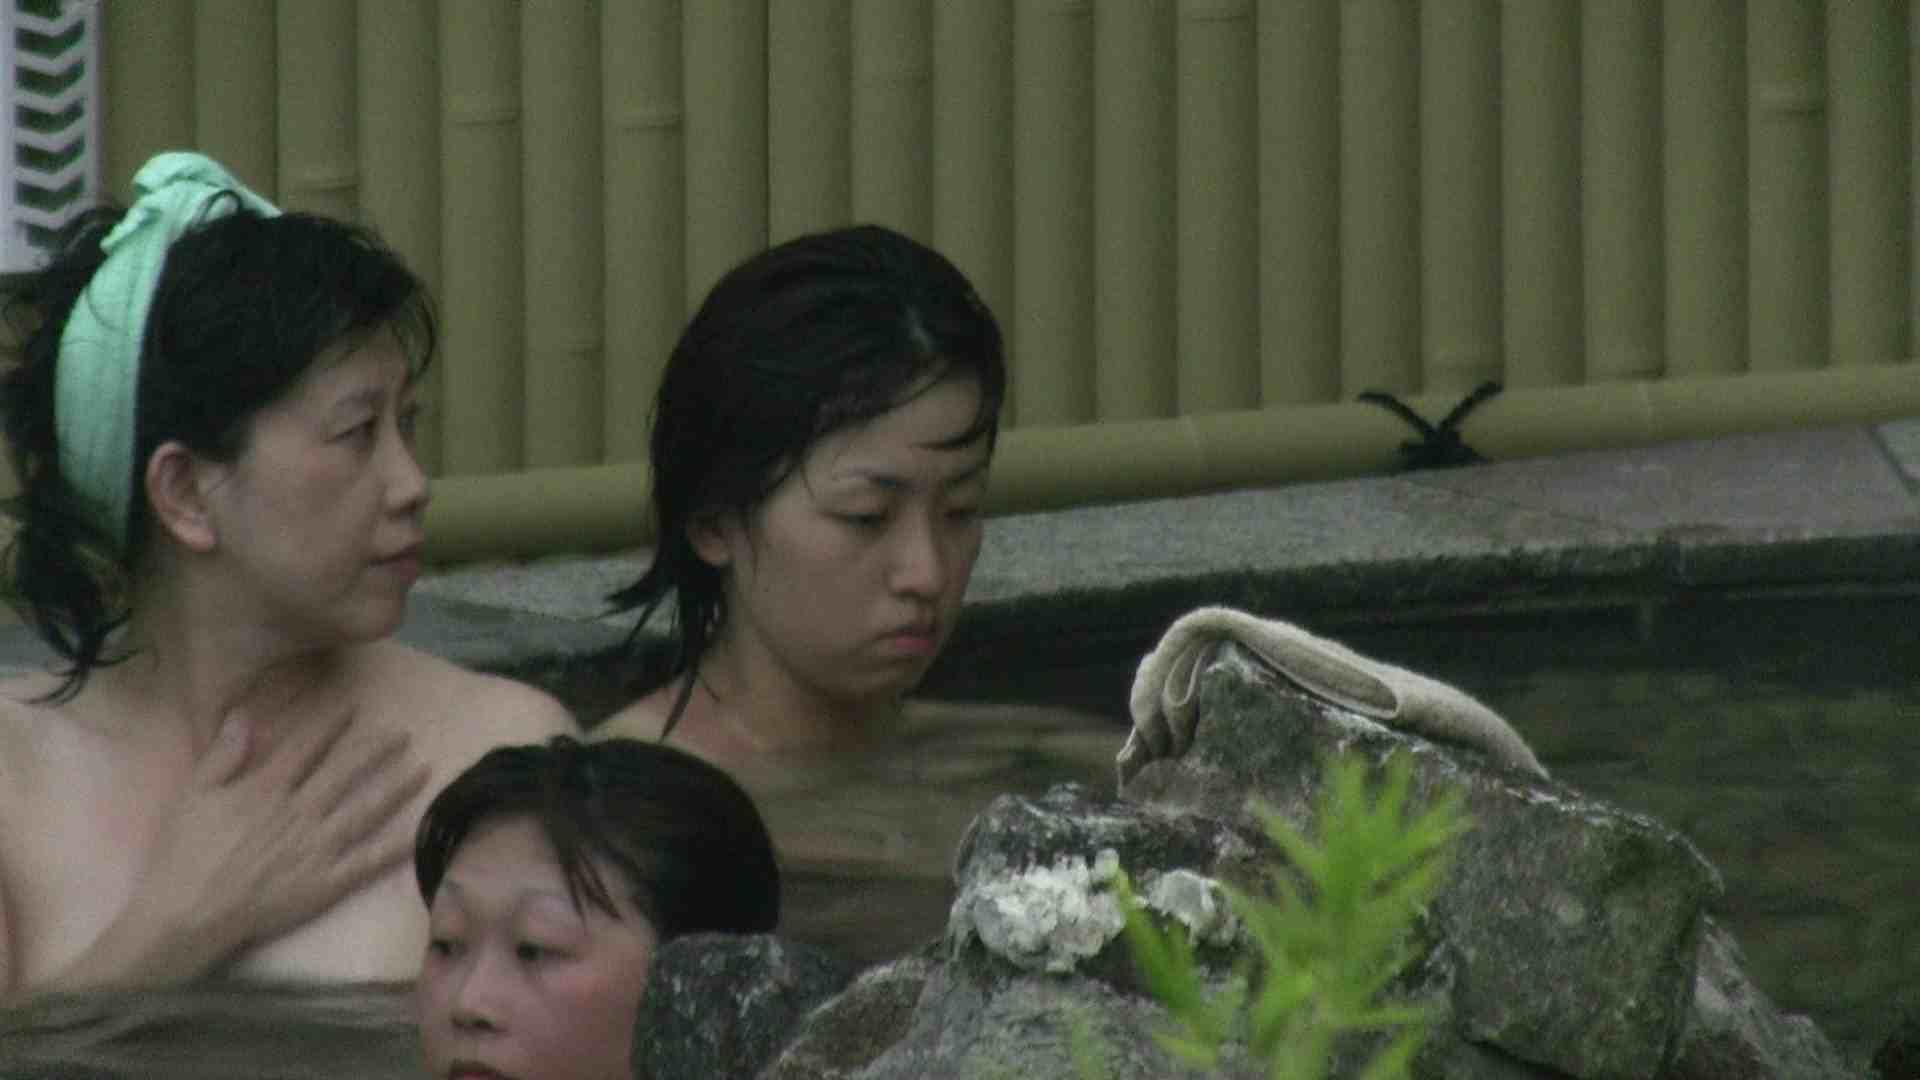 Aquaな露天風呂Vol.170 露天 ヌード画像 54画像 2